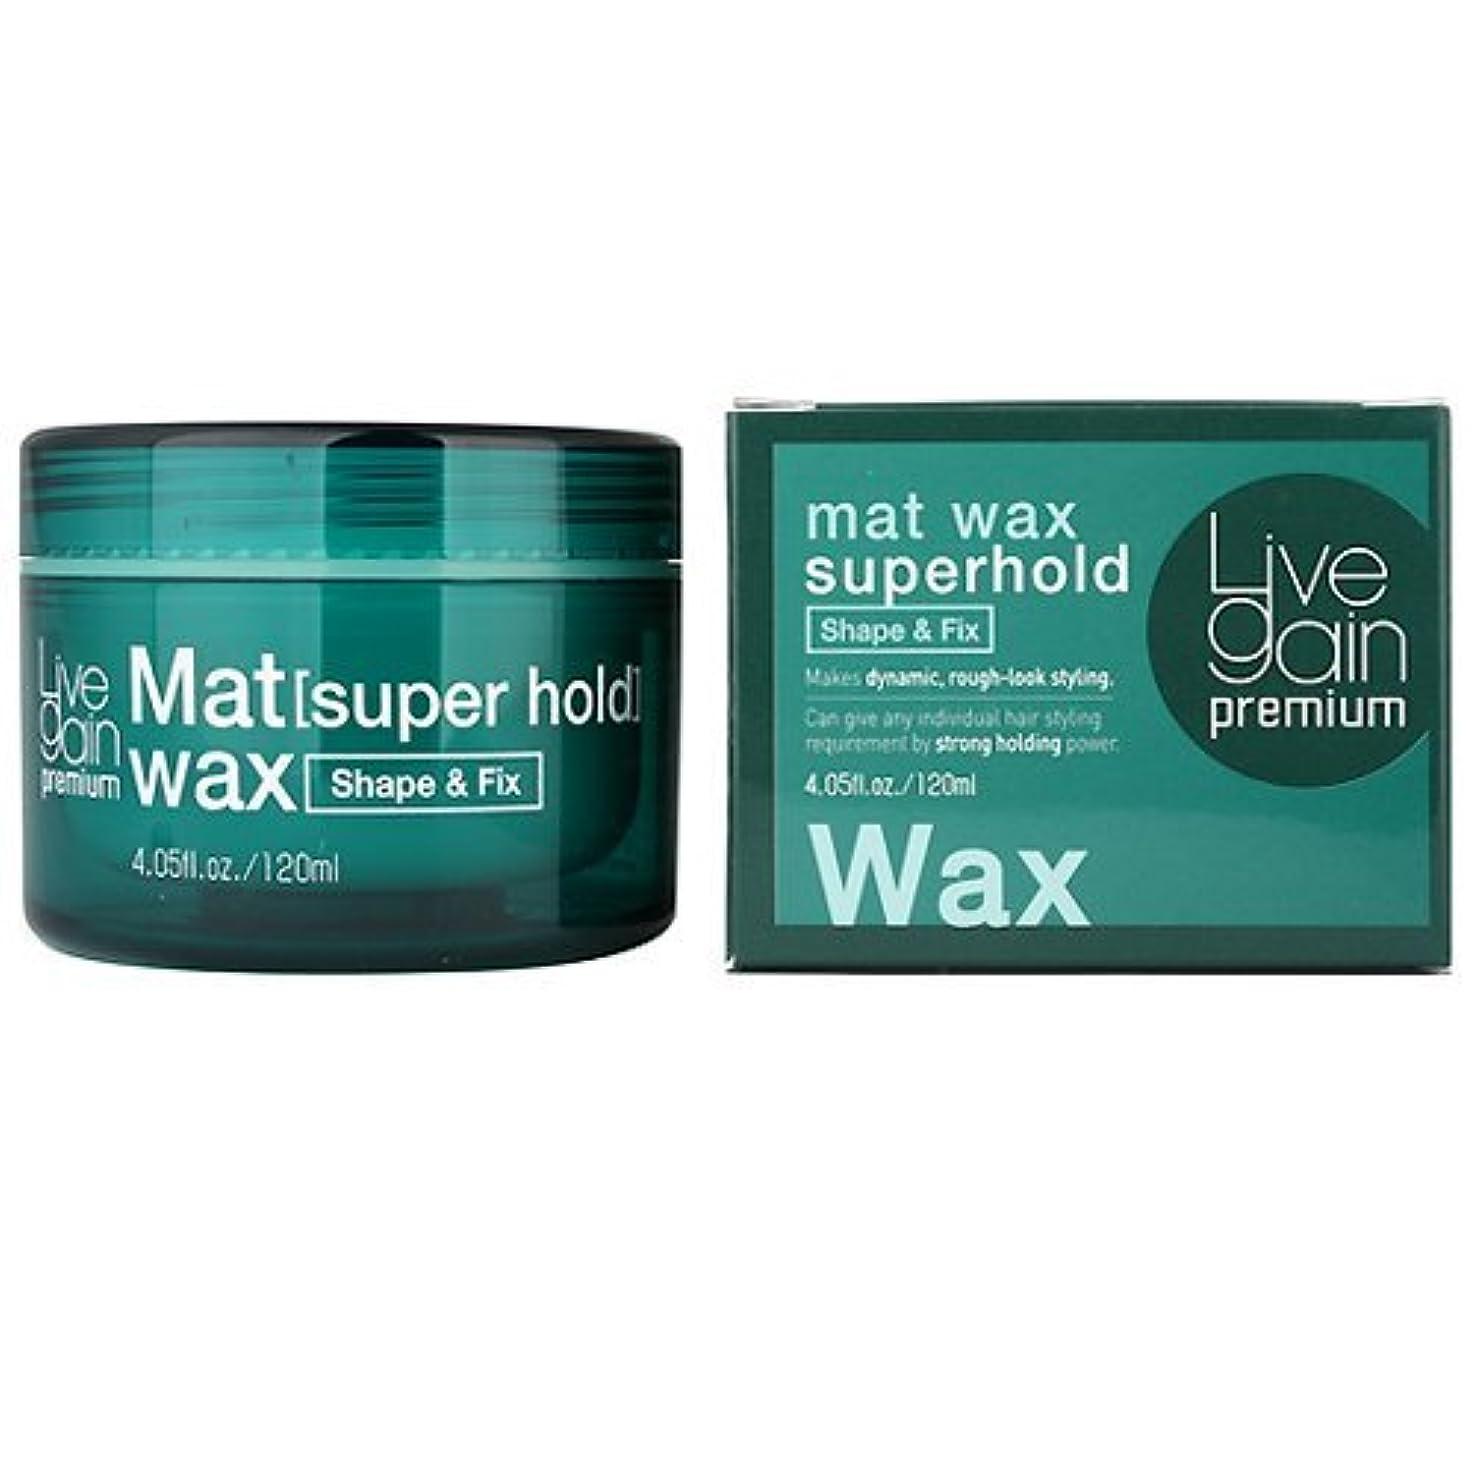 頬骨よろしく孤独Livegain プレミアム マット ワックス スーパーホールド 120ml マット ヘア ワックス ストロング ホールド (Premium Mat Wax Superhold 120ml Matte Hair wax...